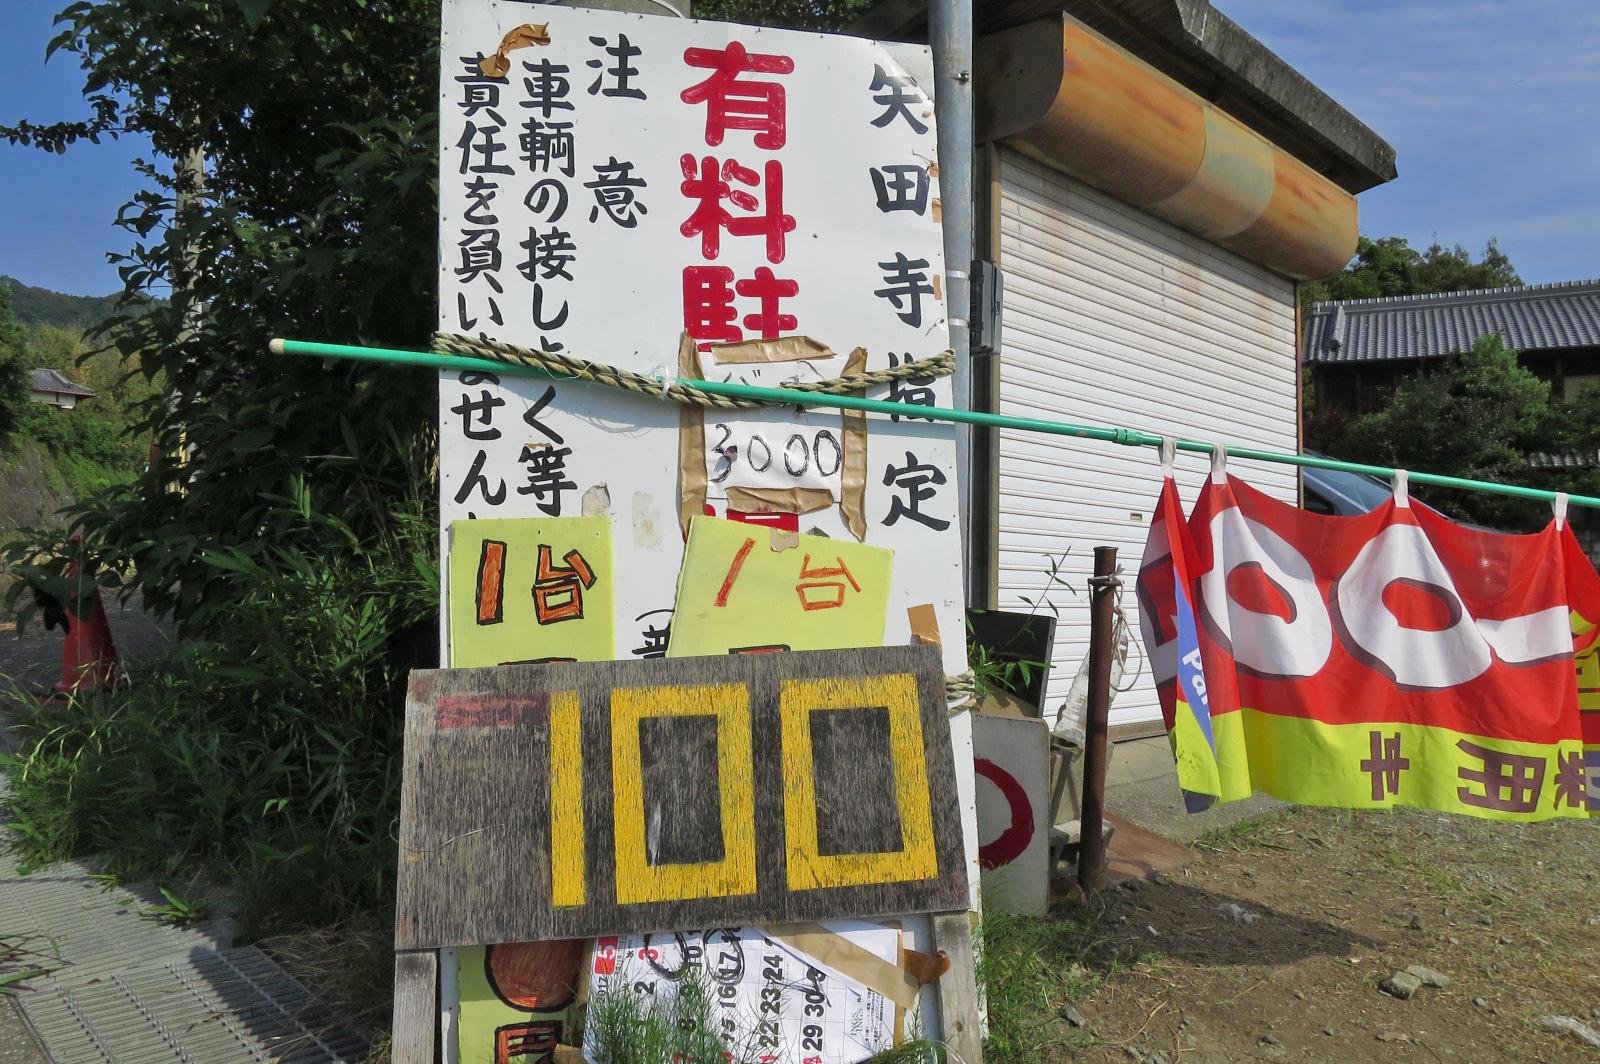 矢田寺駐車場。時価です(笑)。最寄ではありませんが、早朝は100円と破格値!